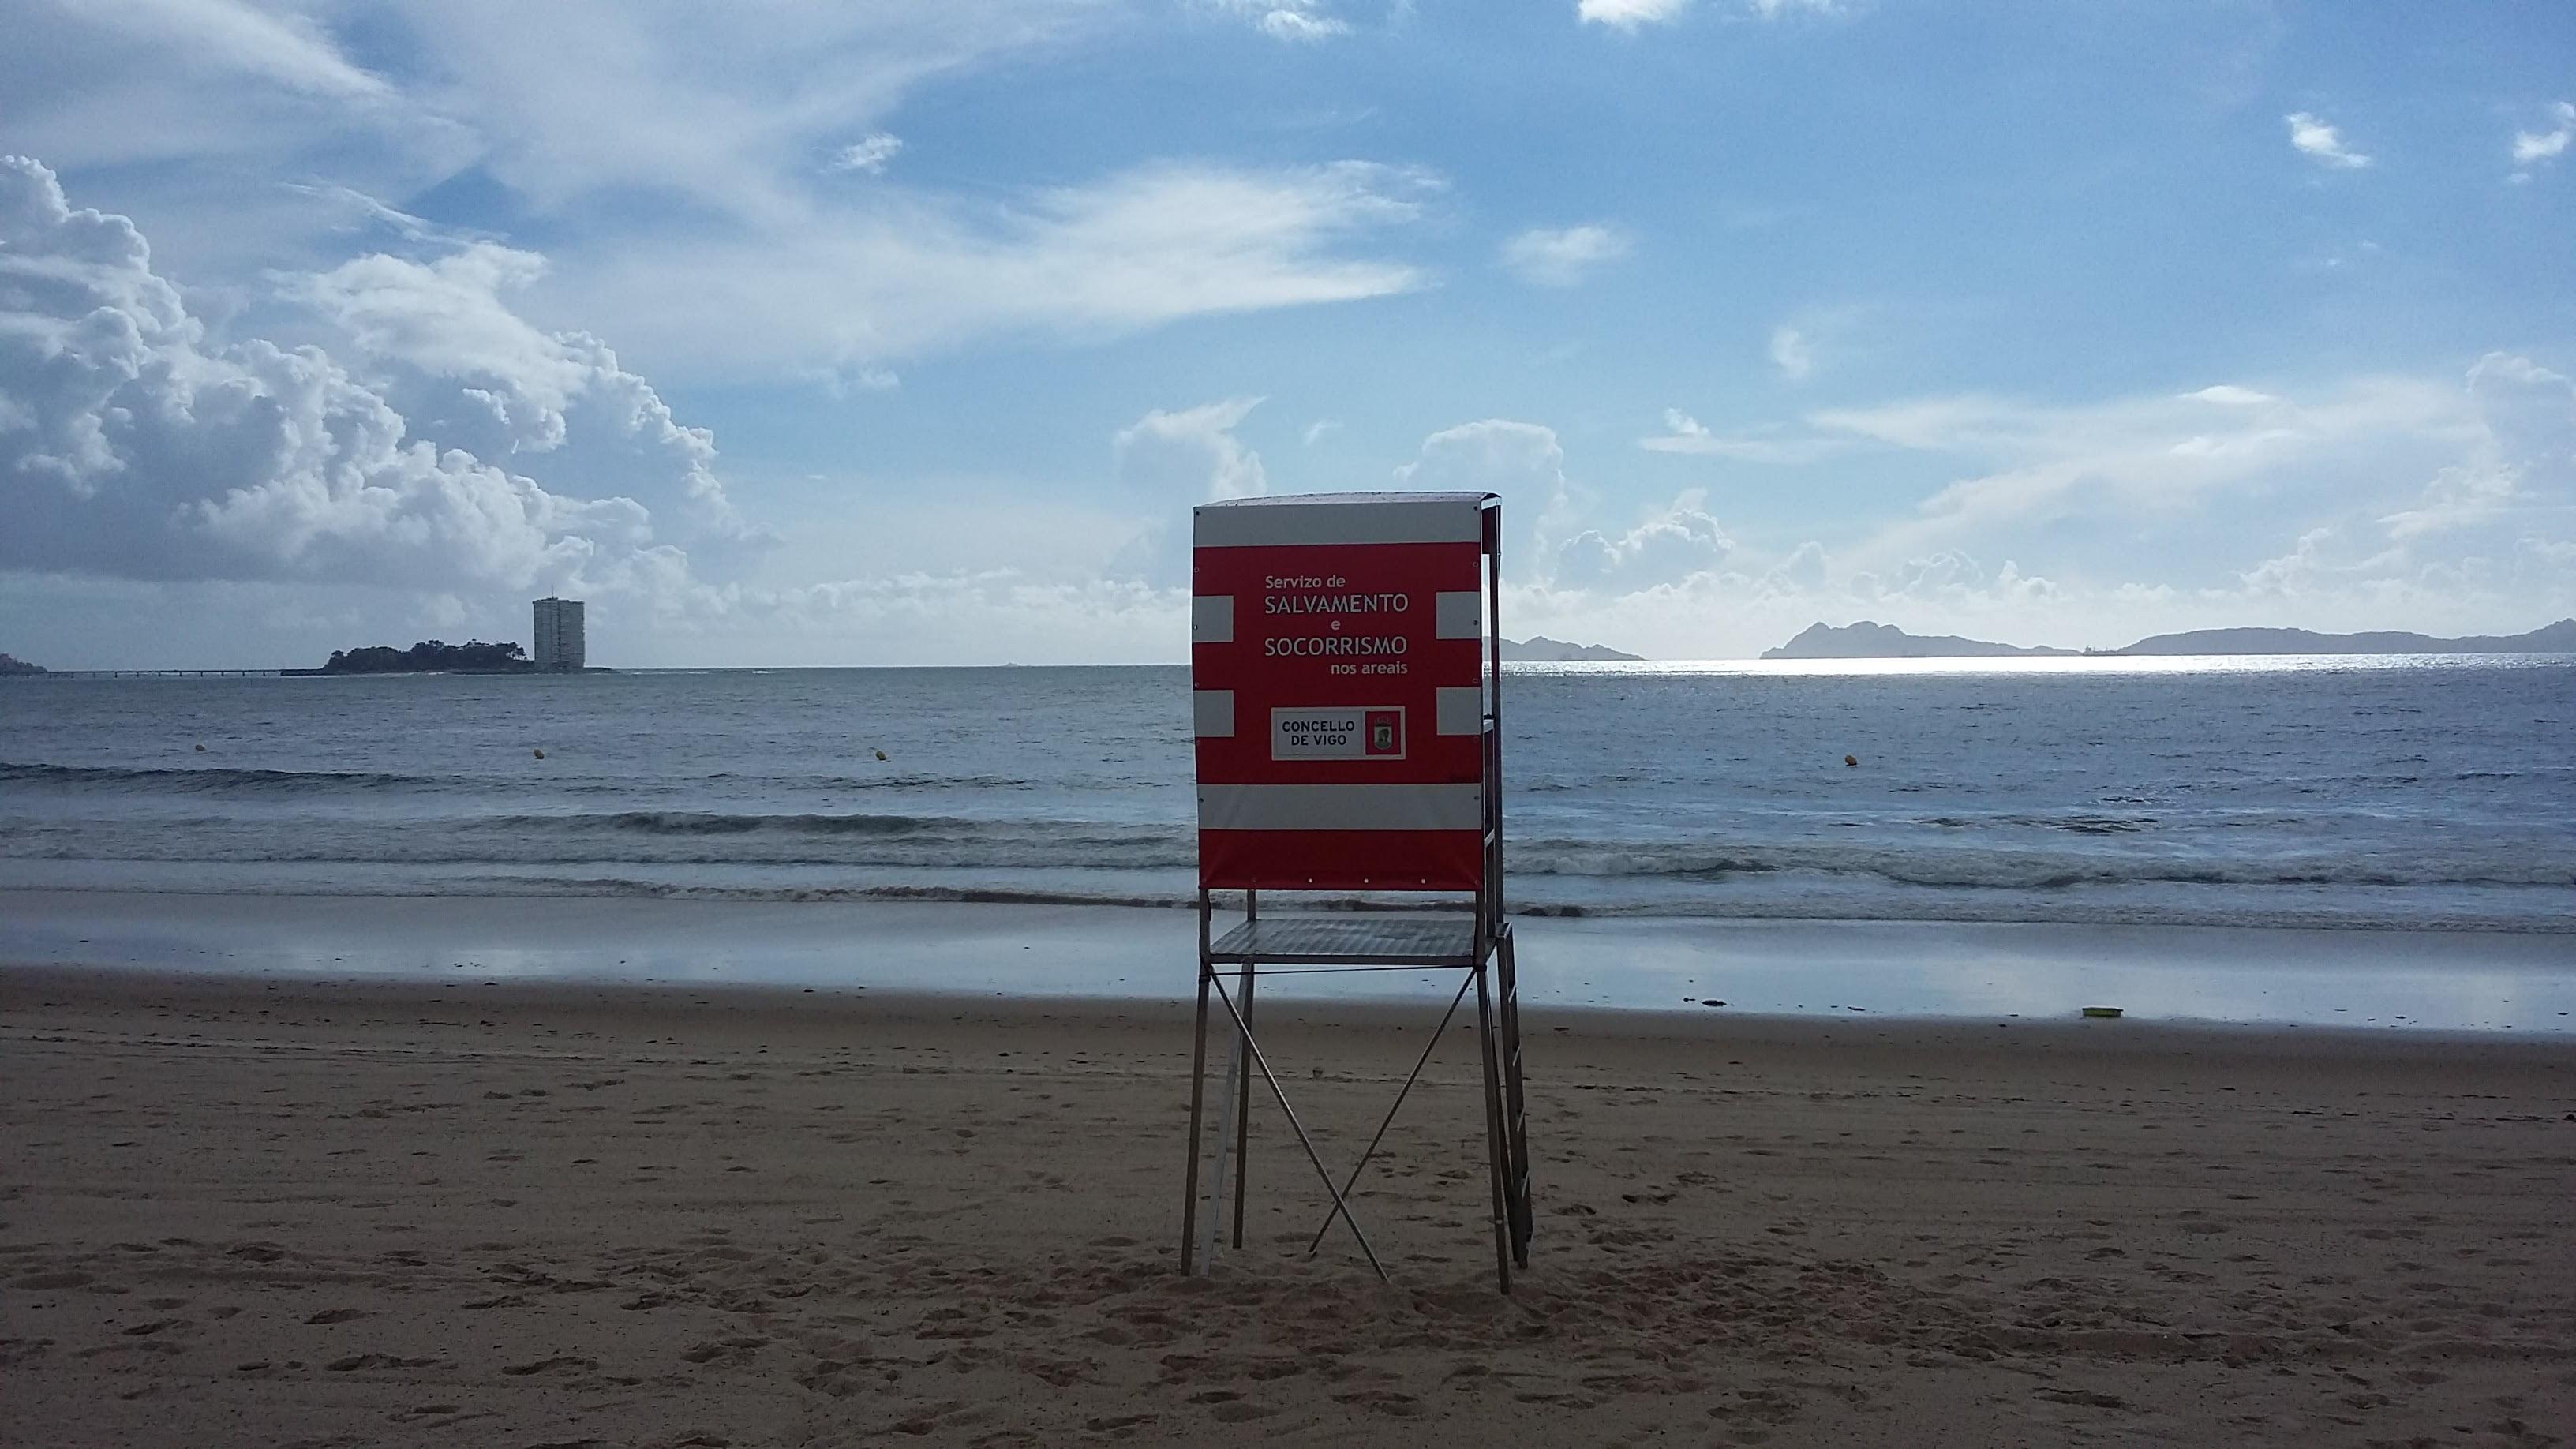 Iniciado el servicio de socorrismo y salvamento en Vigo